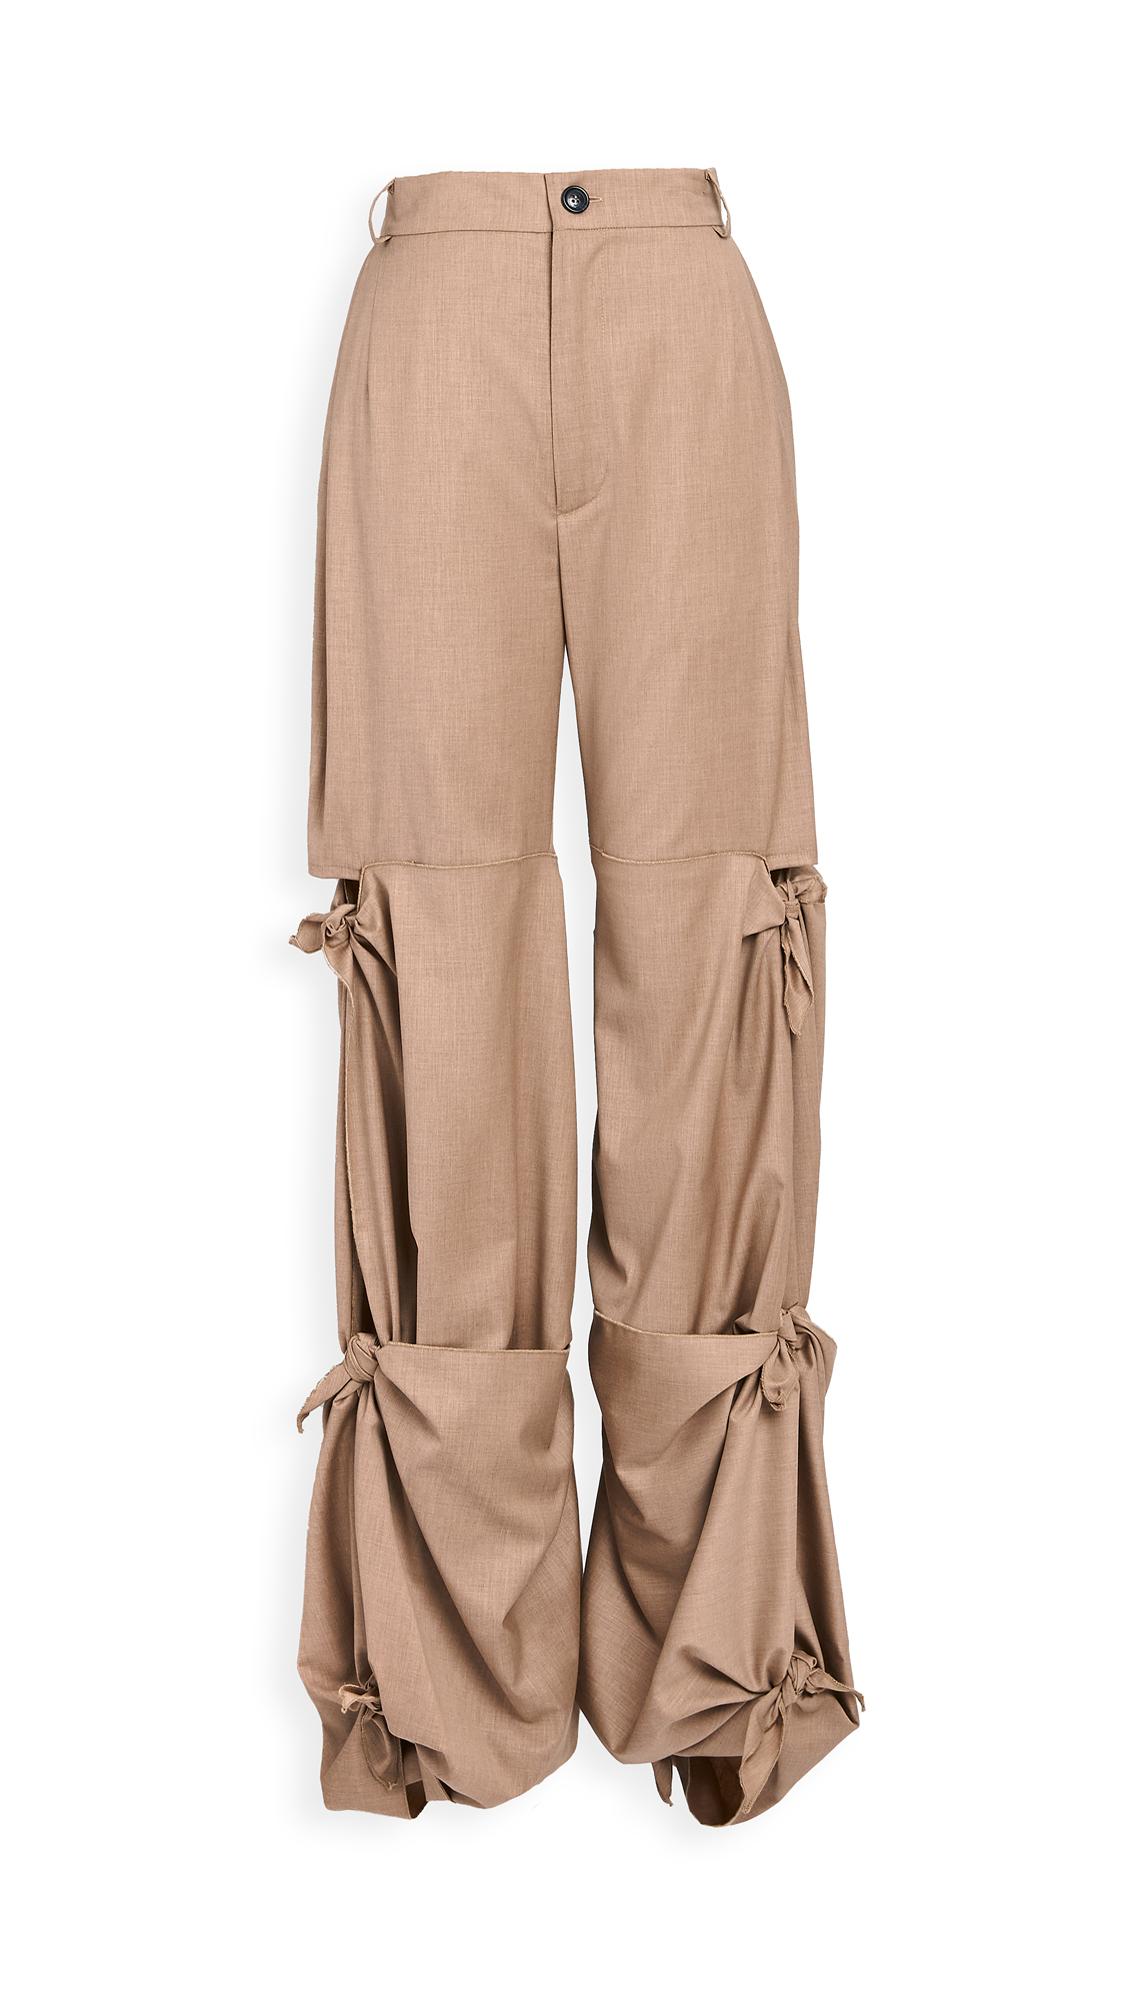 Natasha Zinko Duo Trousers